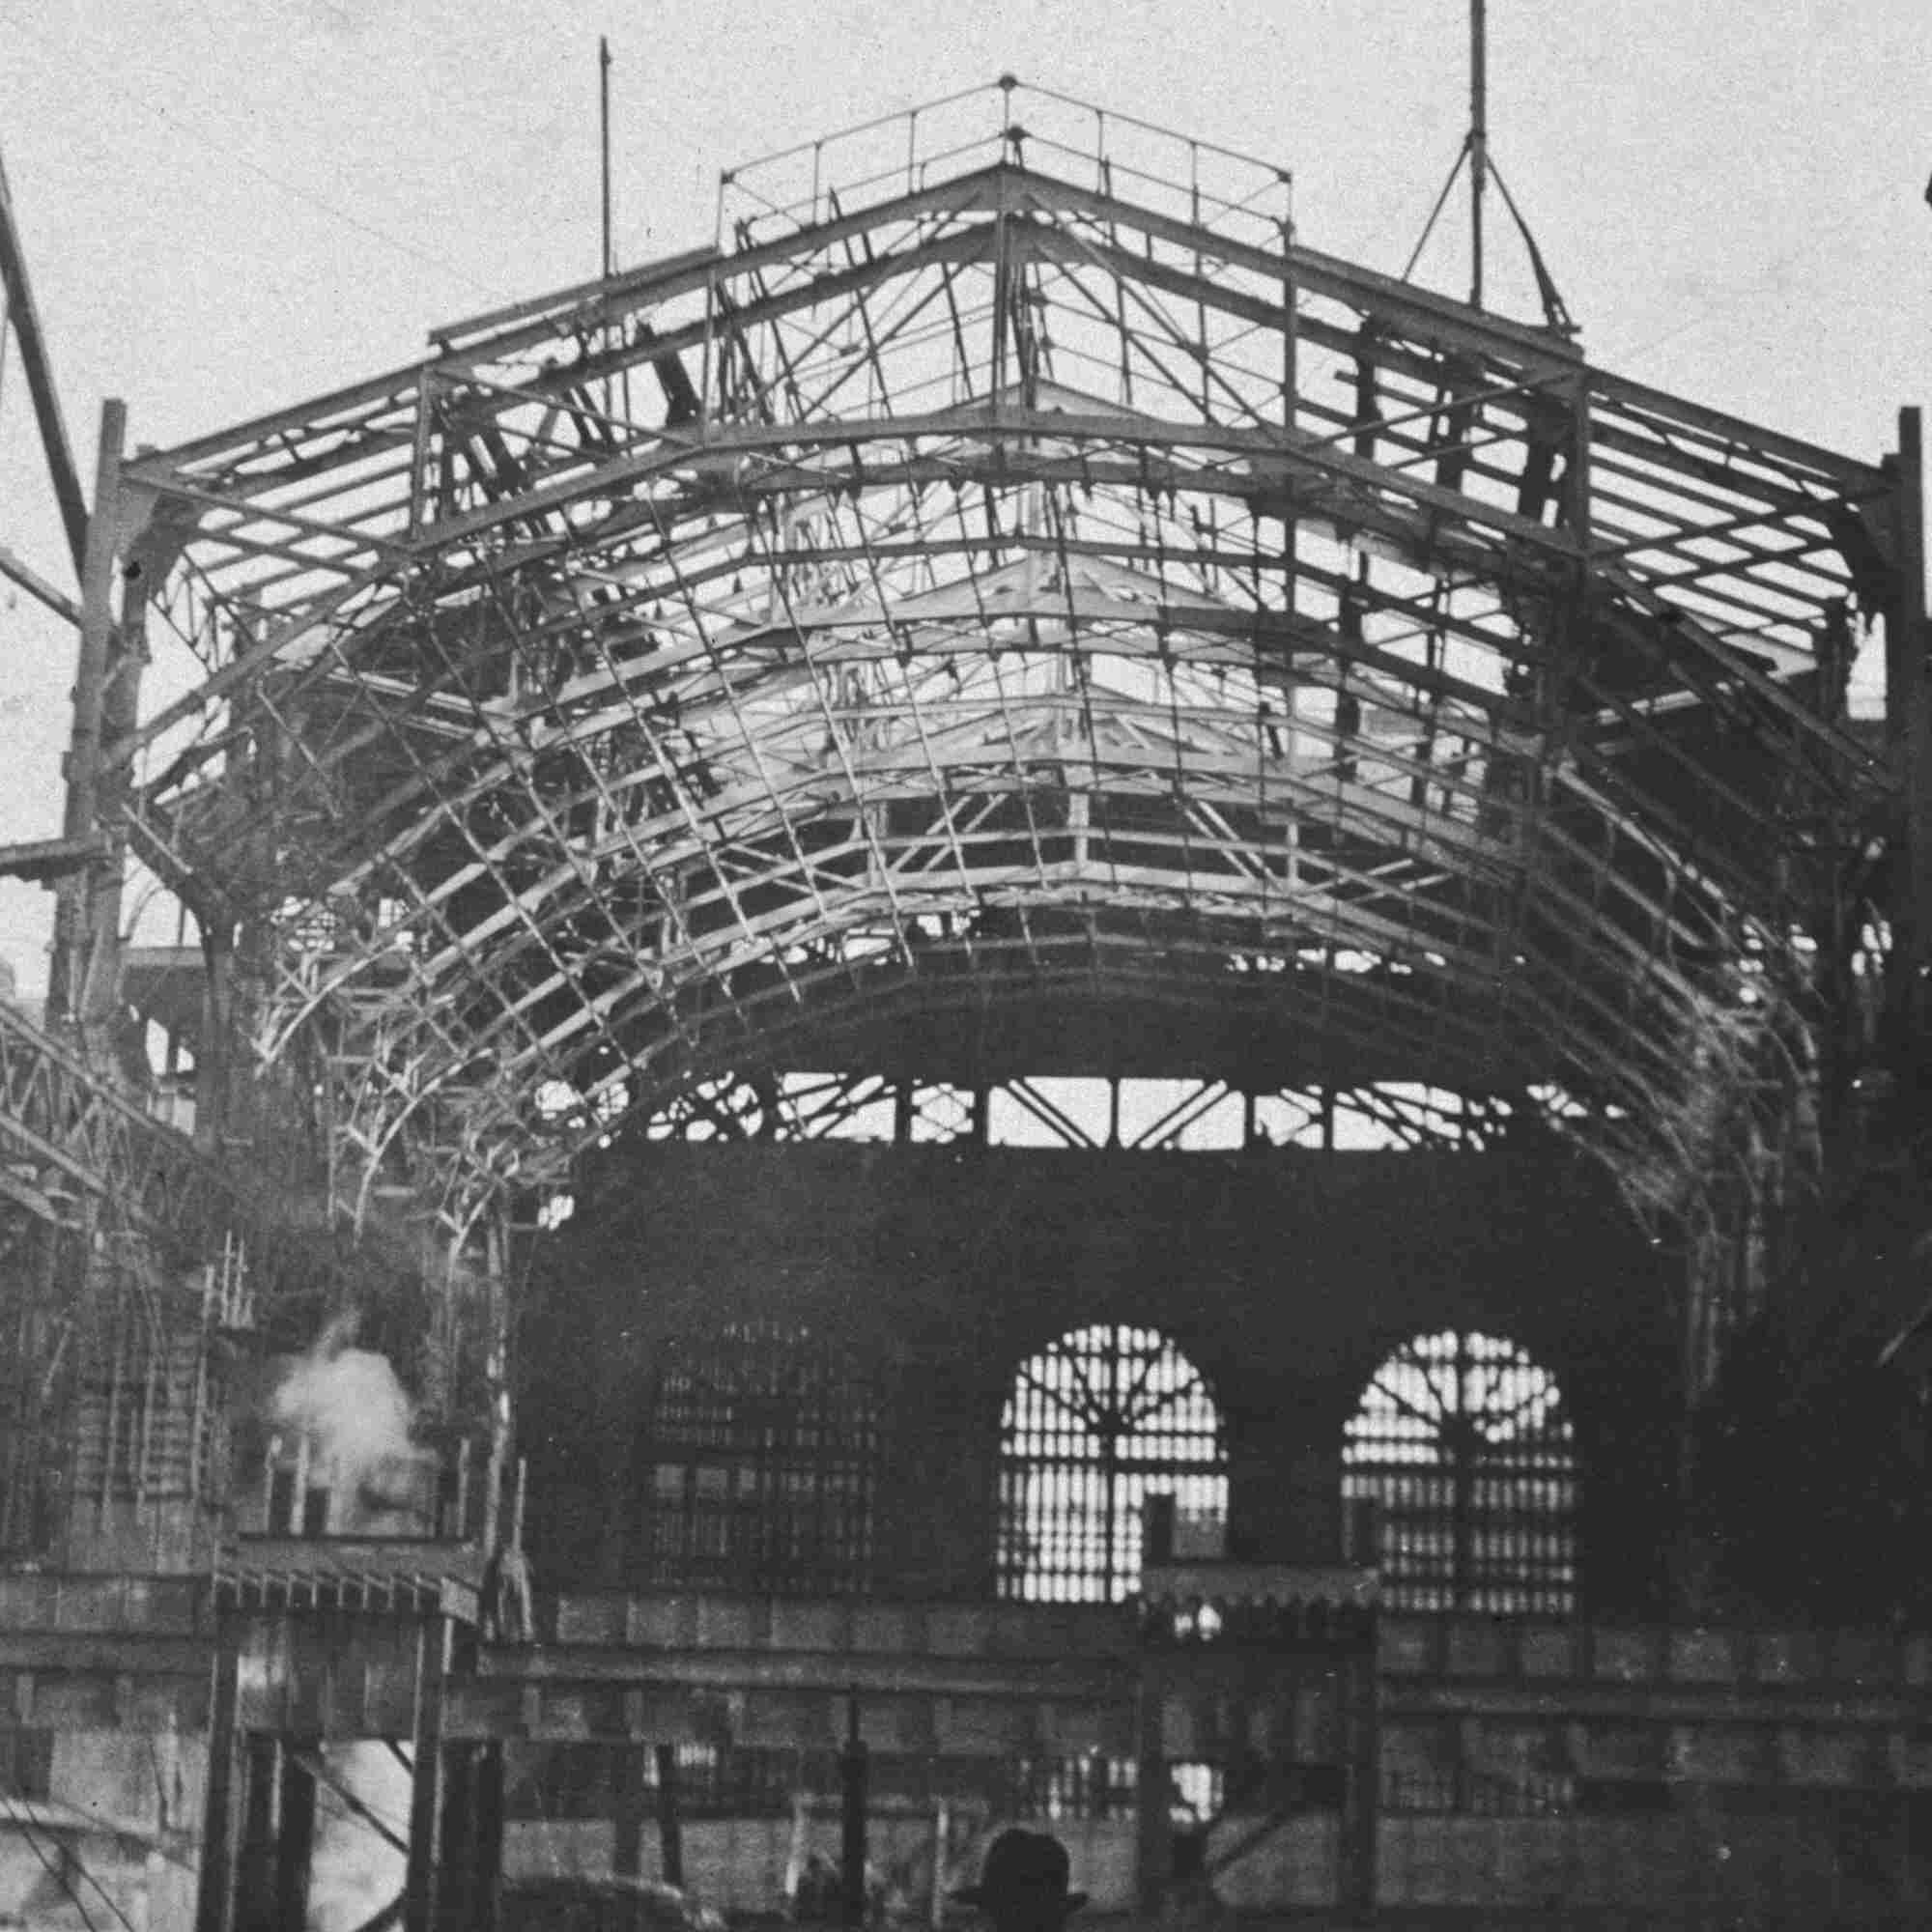 Archivfoto 1907: Zwei Männer gehen während des Baus am Metallrahmen der Grand Central Station vorbei.